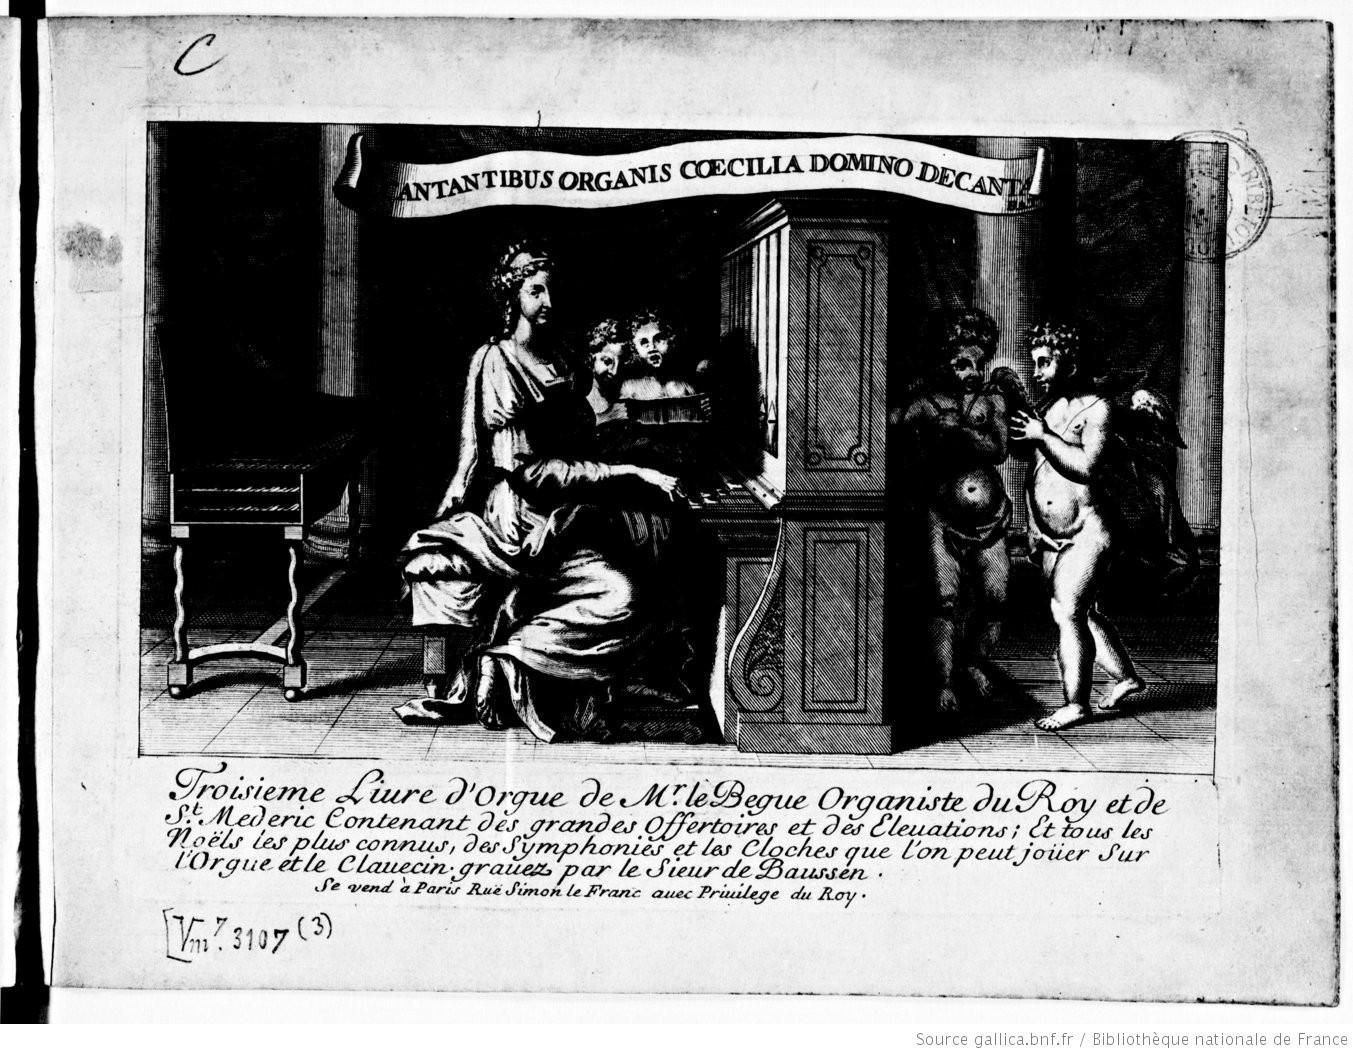 Portada interior del Troisieme livre d'orgue.